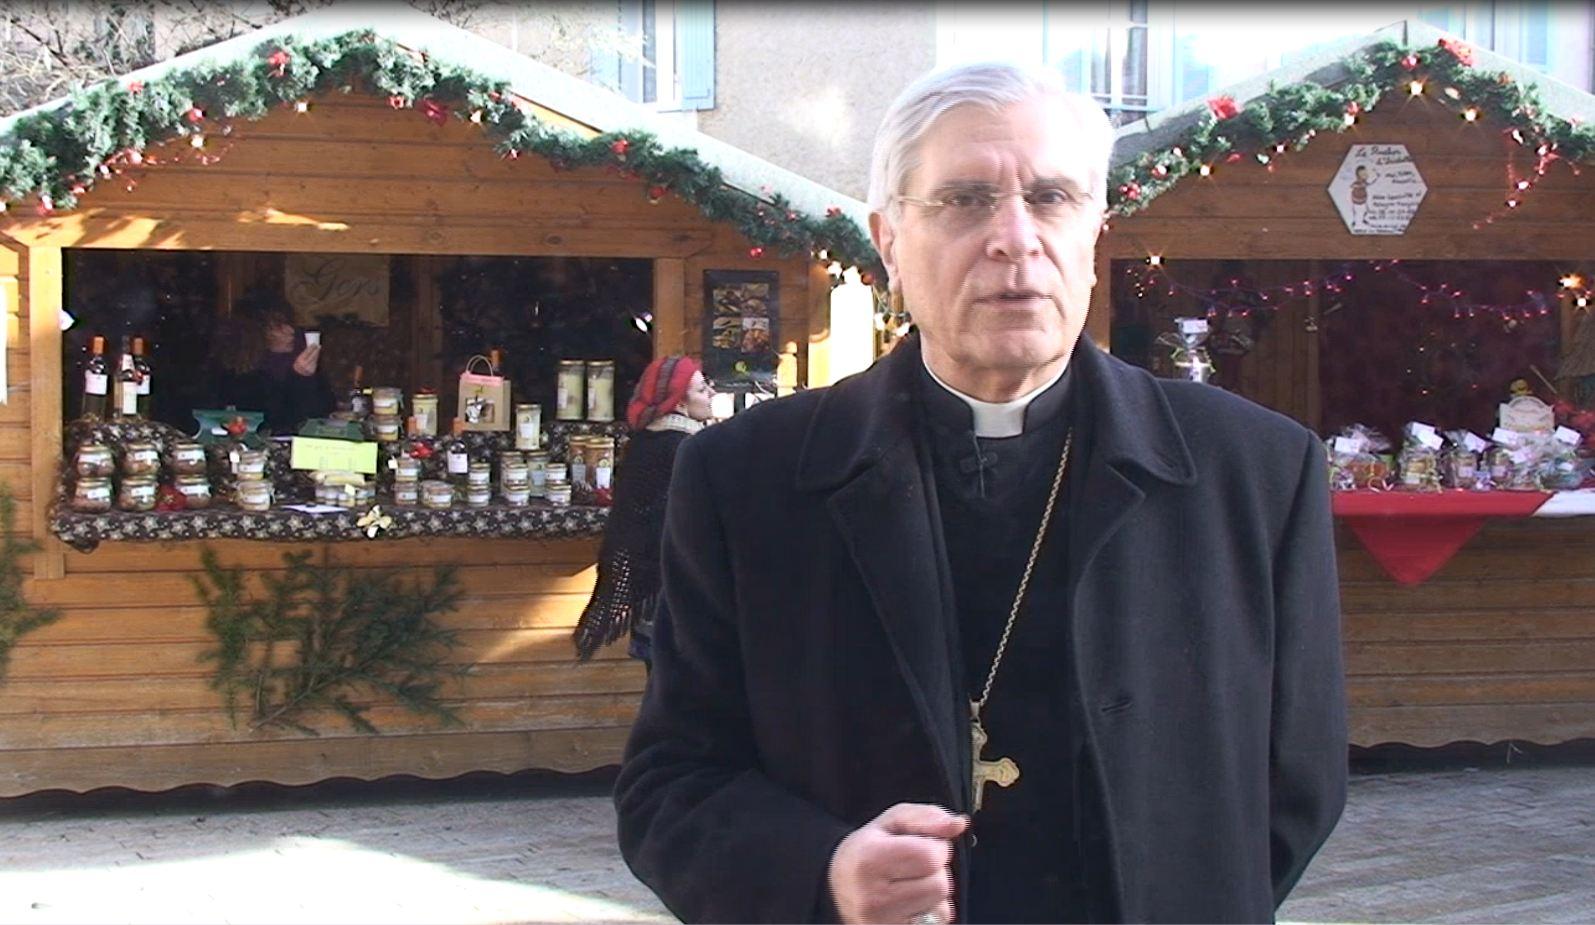 Chronique de Mgr Jean-Michel di Falco Léandri : Le secret des santons